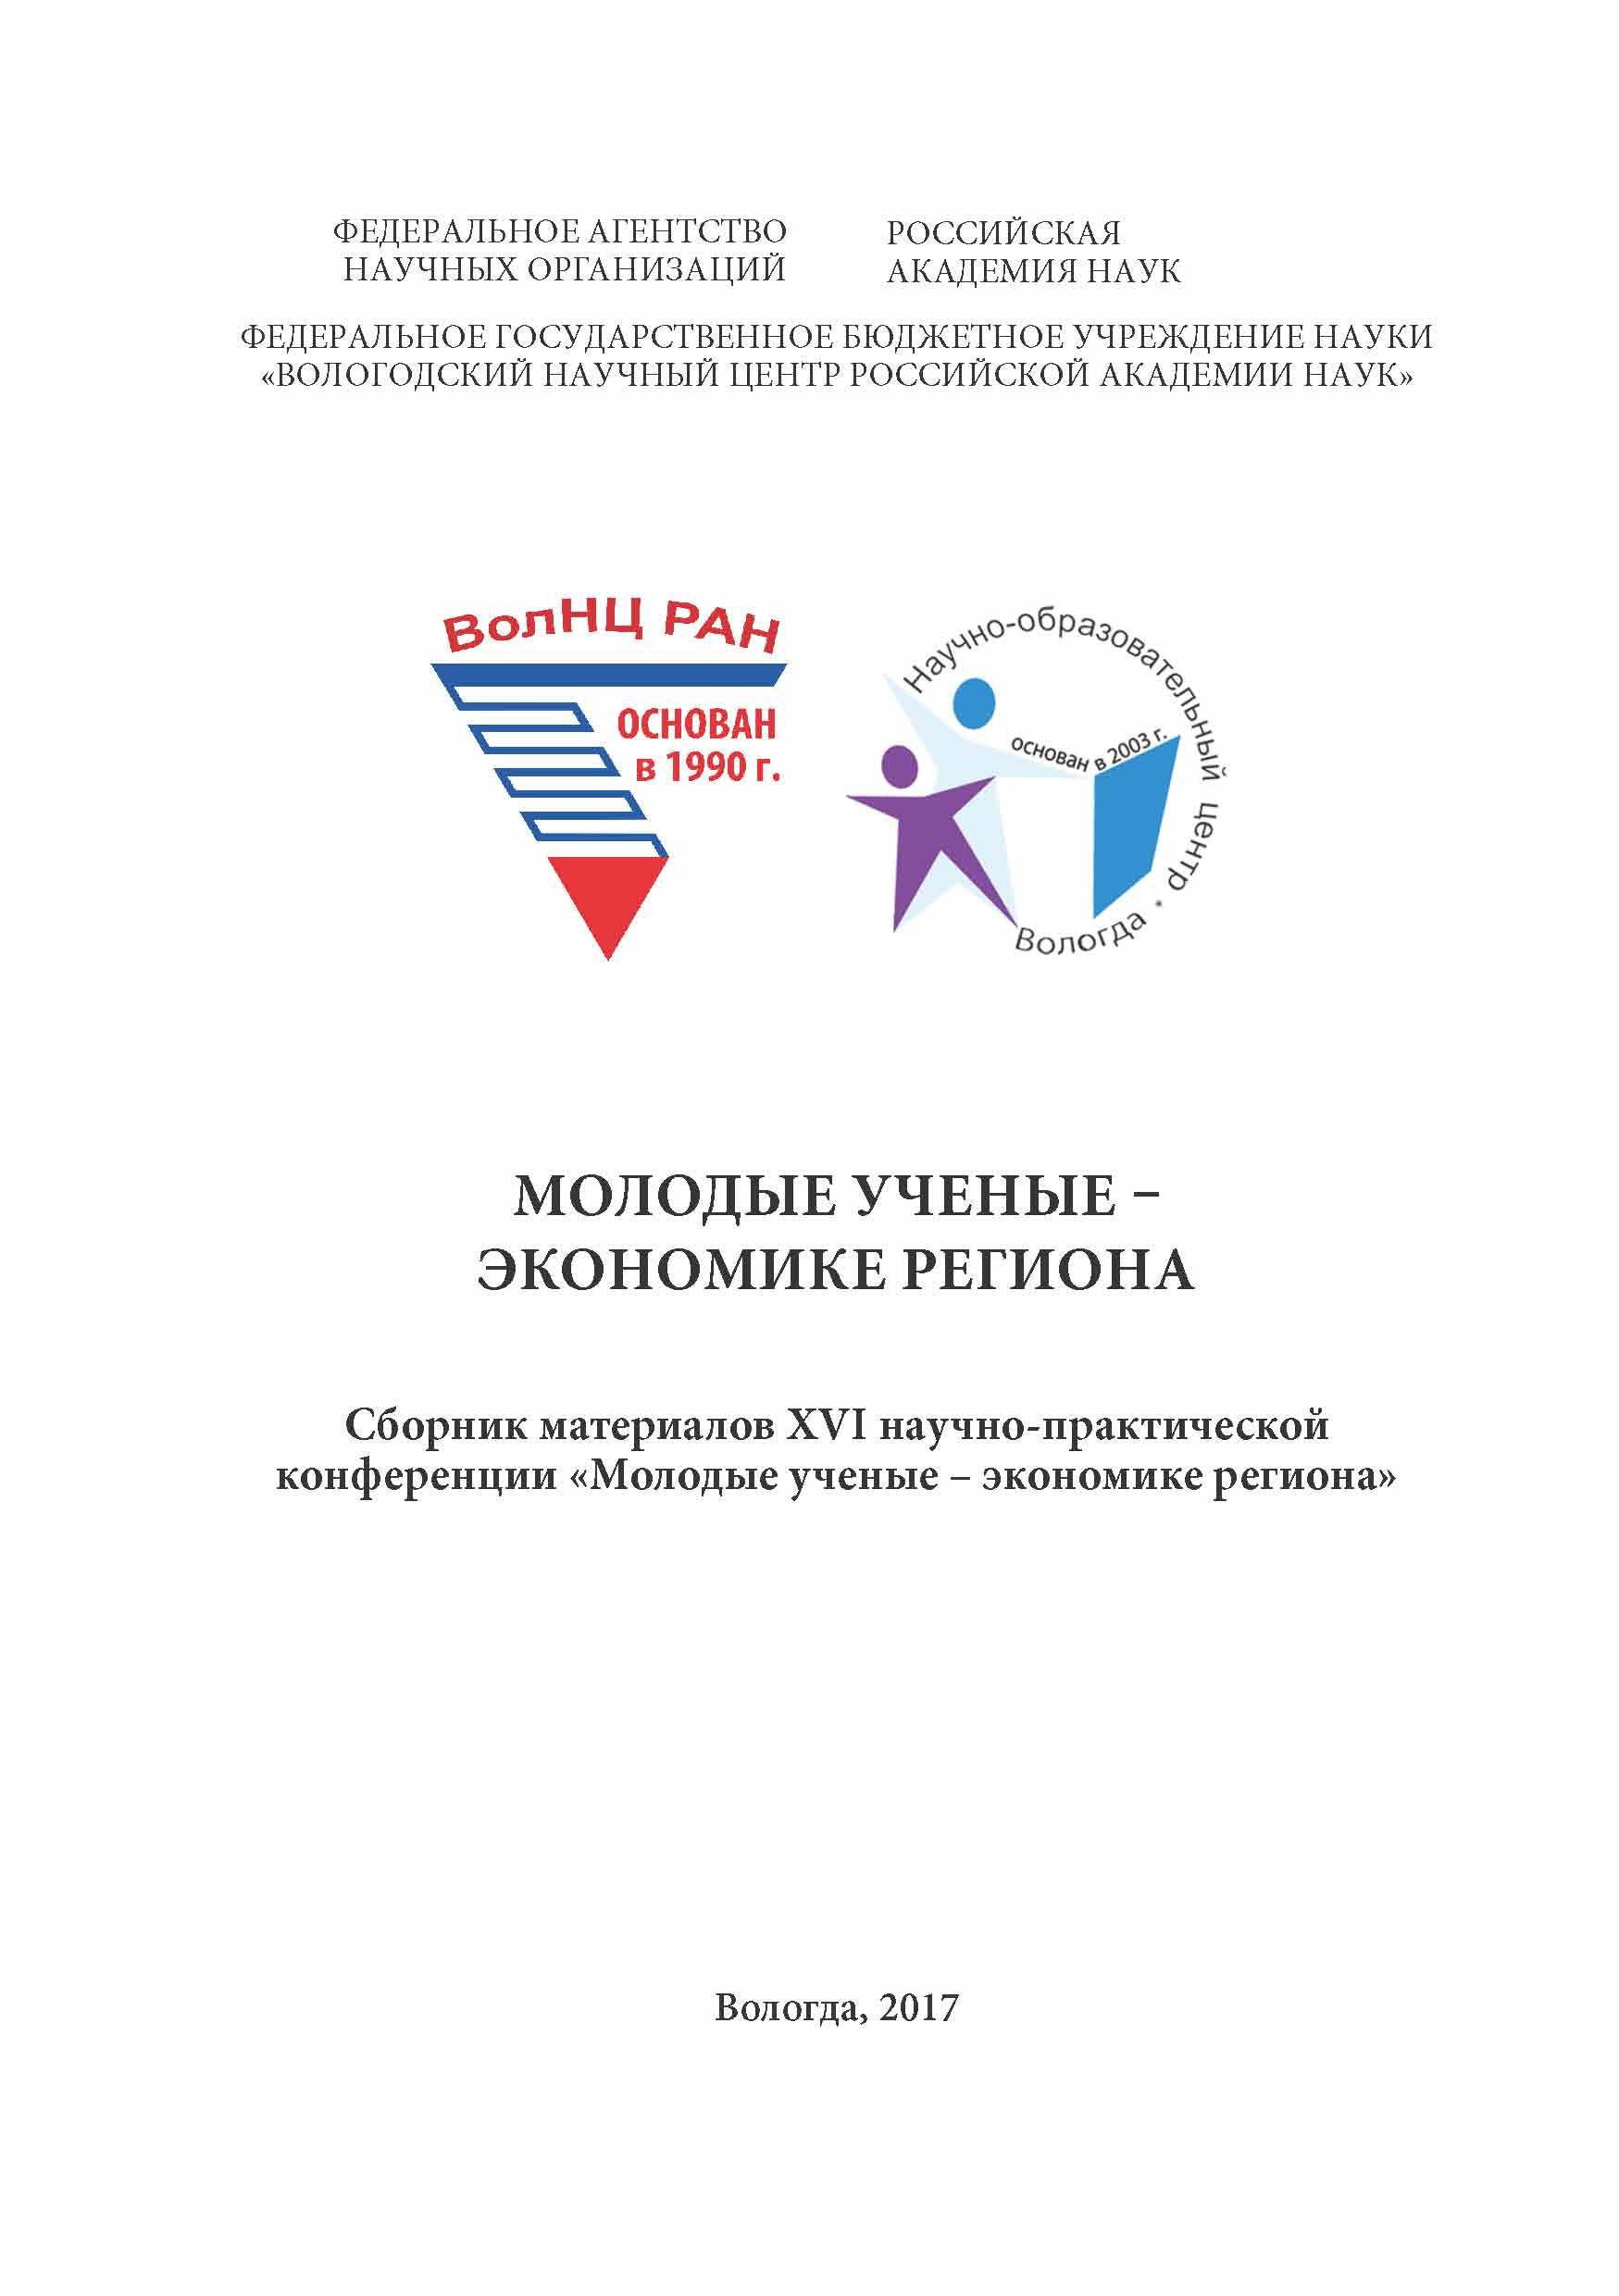 molodye uchenye ekonomike regiona 2017 g